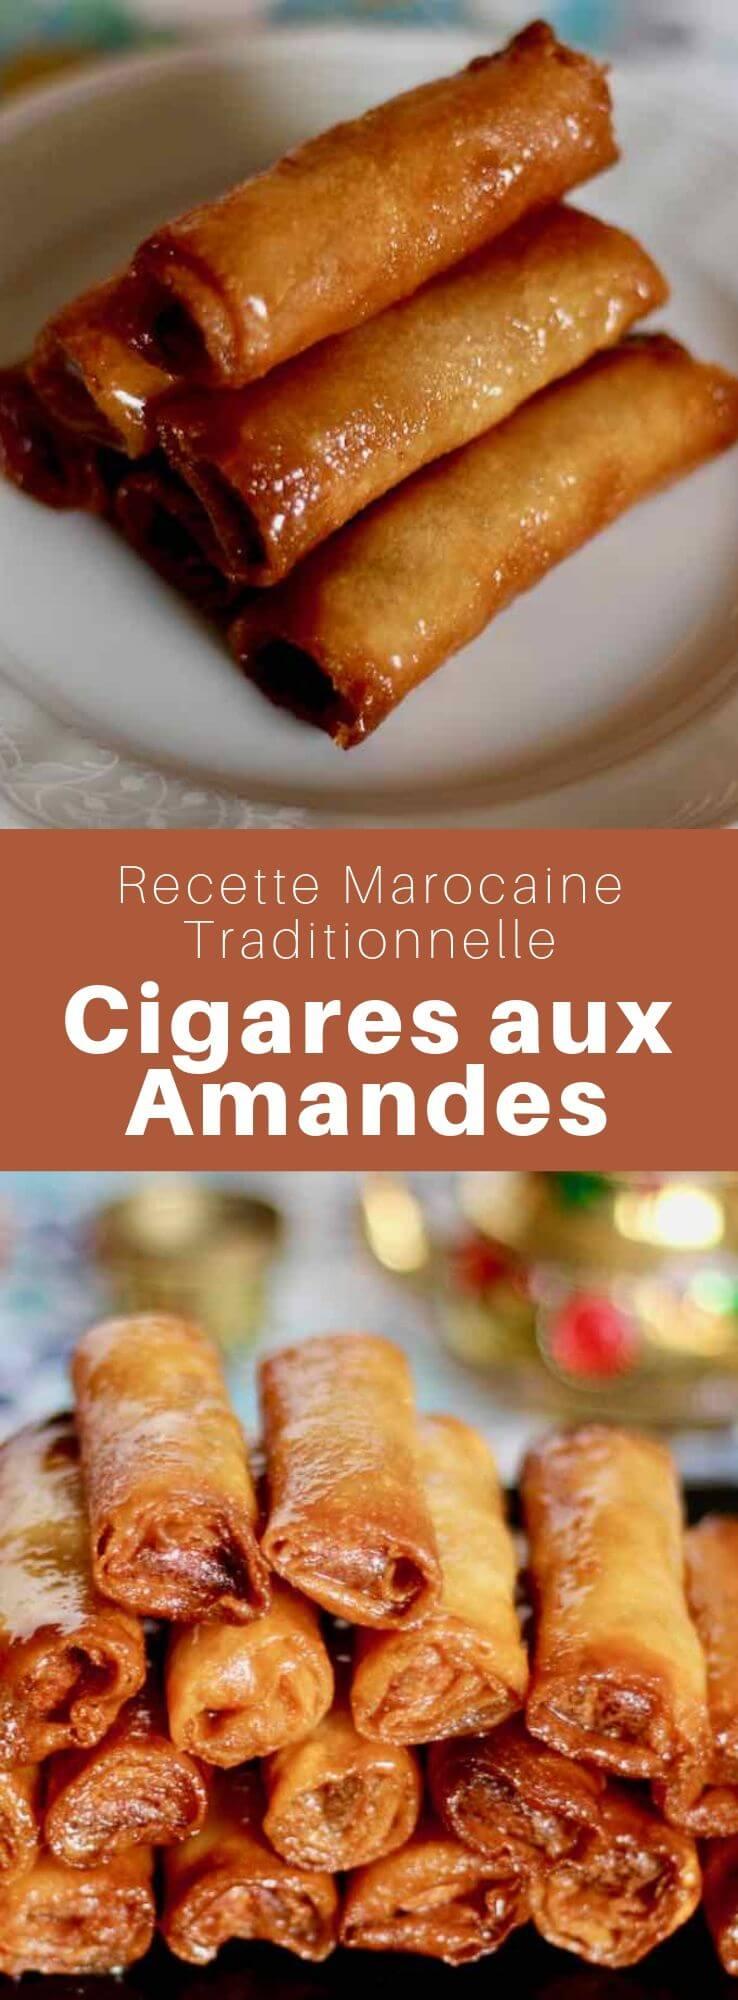 Les cigares aux amandes sont une pâtisserie traditionnelle du Maghreb à base de feuille de brick farcie d'amandes, frits et nappés de sirop au miel. #Maroc #PatisserieMarocaine #PatisserieOrientale #RecetteMarocaine #CuisineMarocaine #CuisineDuMonde #196flavors